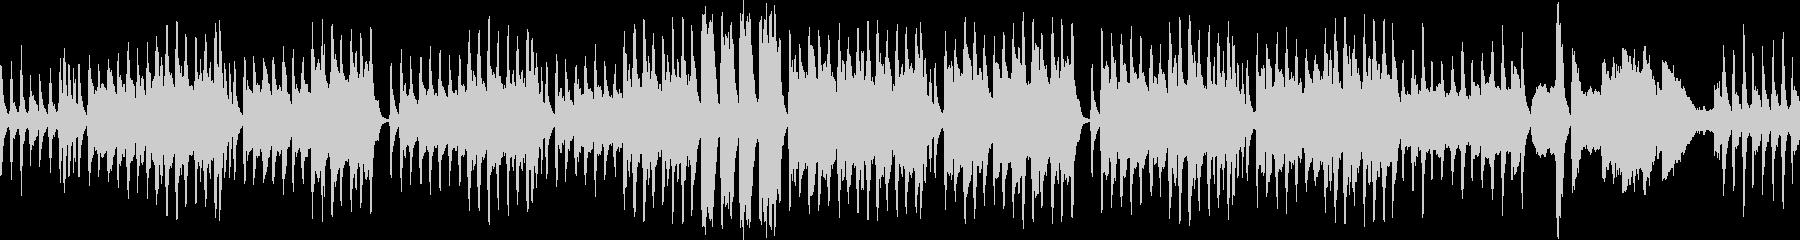 クラシカルで怪しいBGM(ループ仕様)の未再生の波形